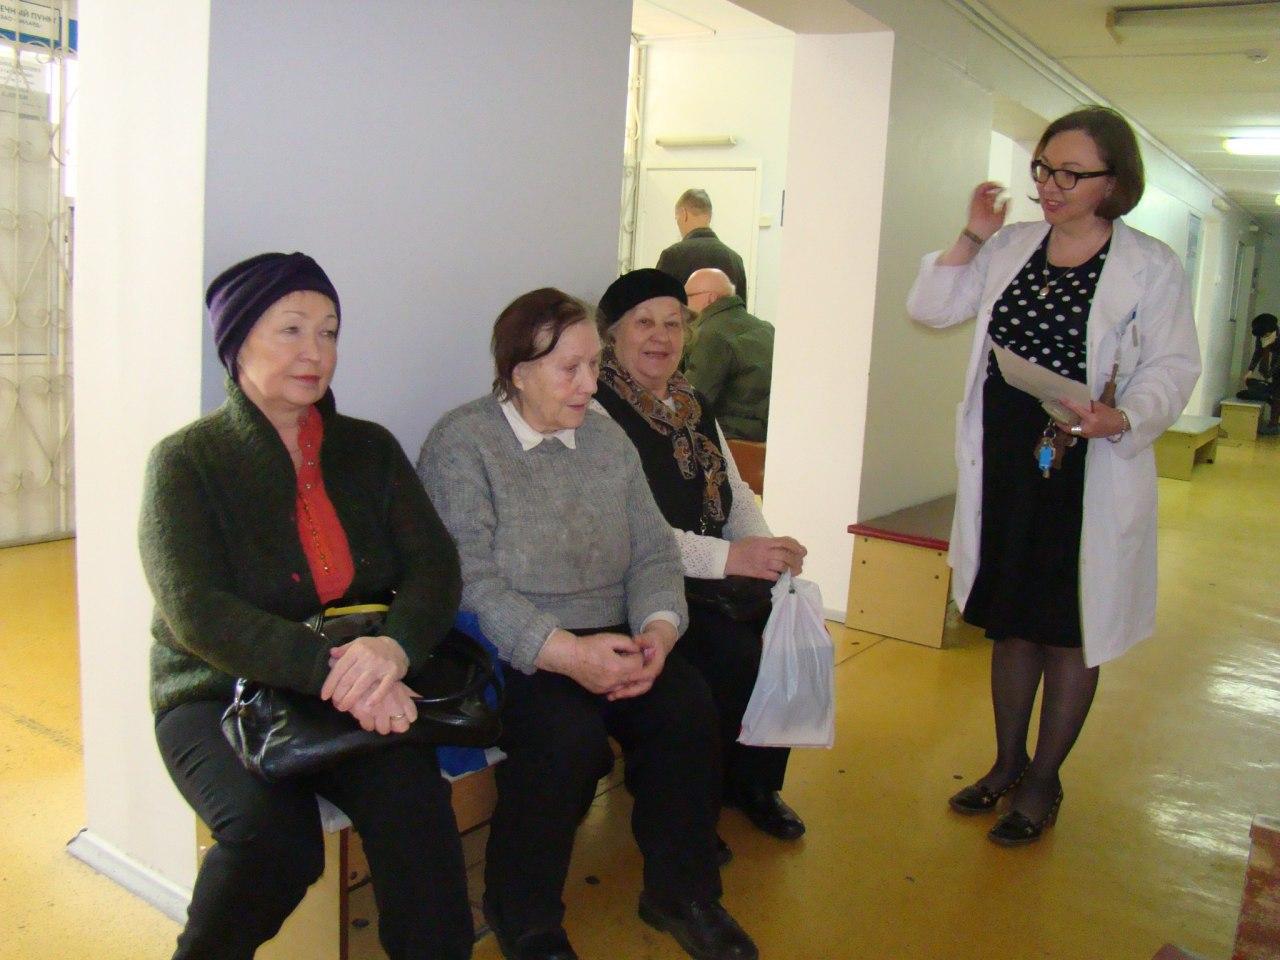 Бесплатный онкологический скрининг проведут в поликлинике рядом с Савеловским